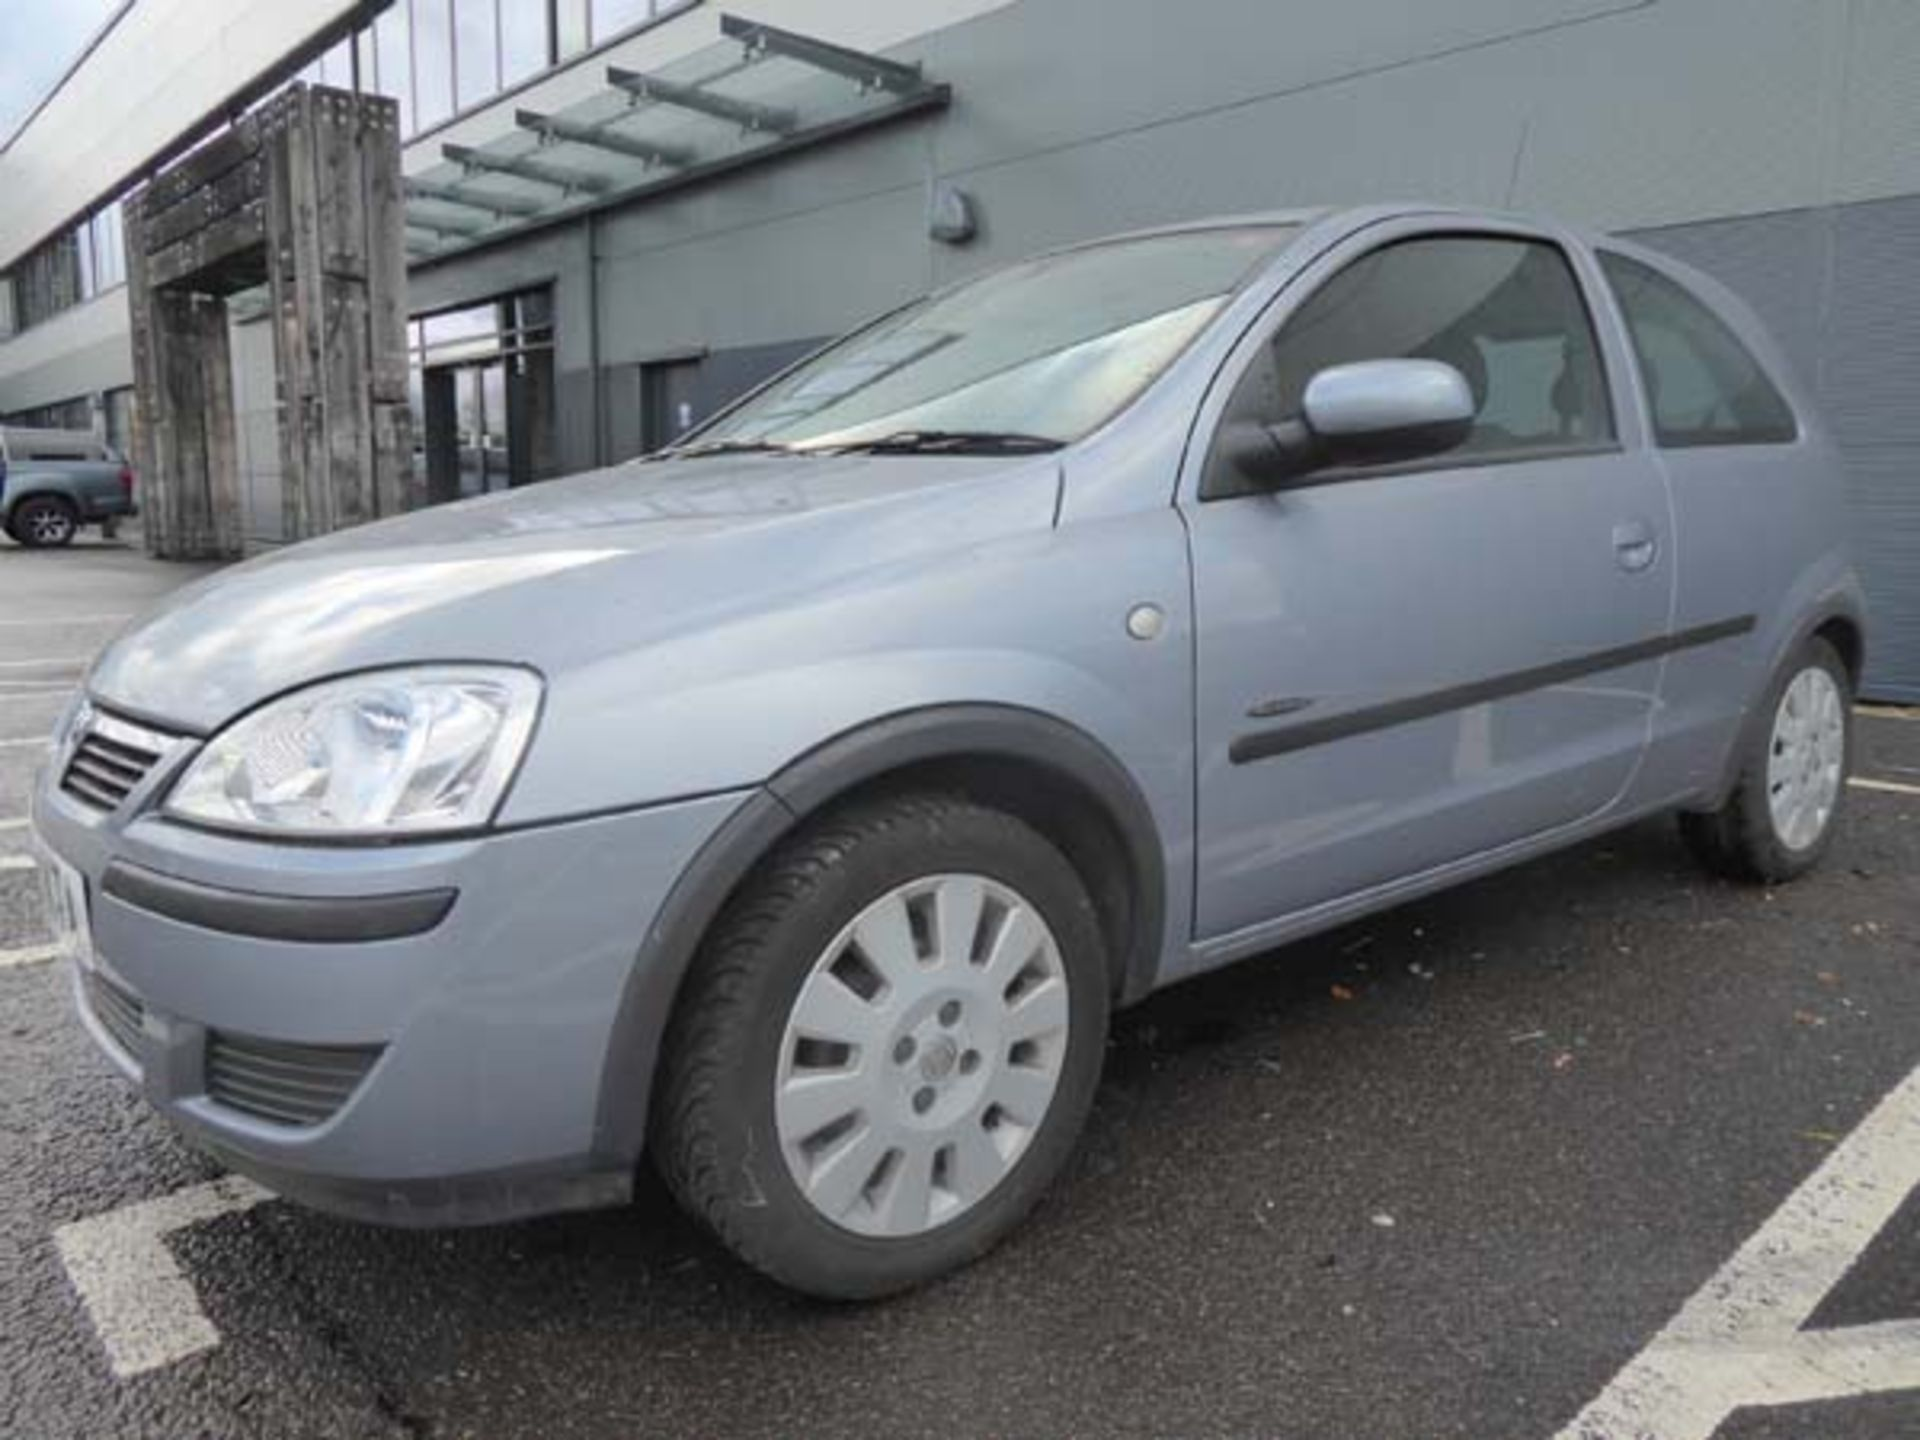 KL53 KTA (2003) Vauxhall Corsa Active 16V, 3 door hatchback, 1199cc, petrol, in silver, 39'044 - Image 2 of 12